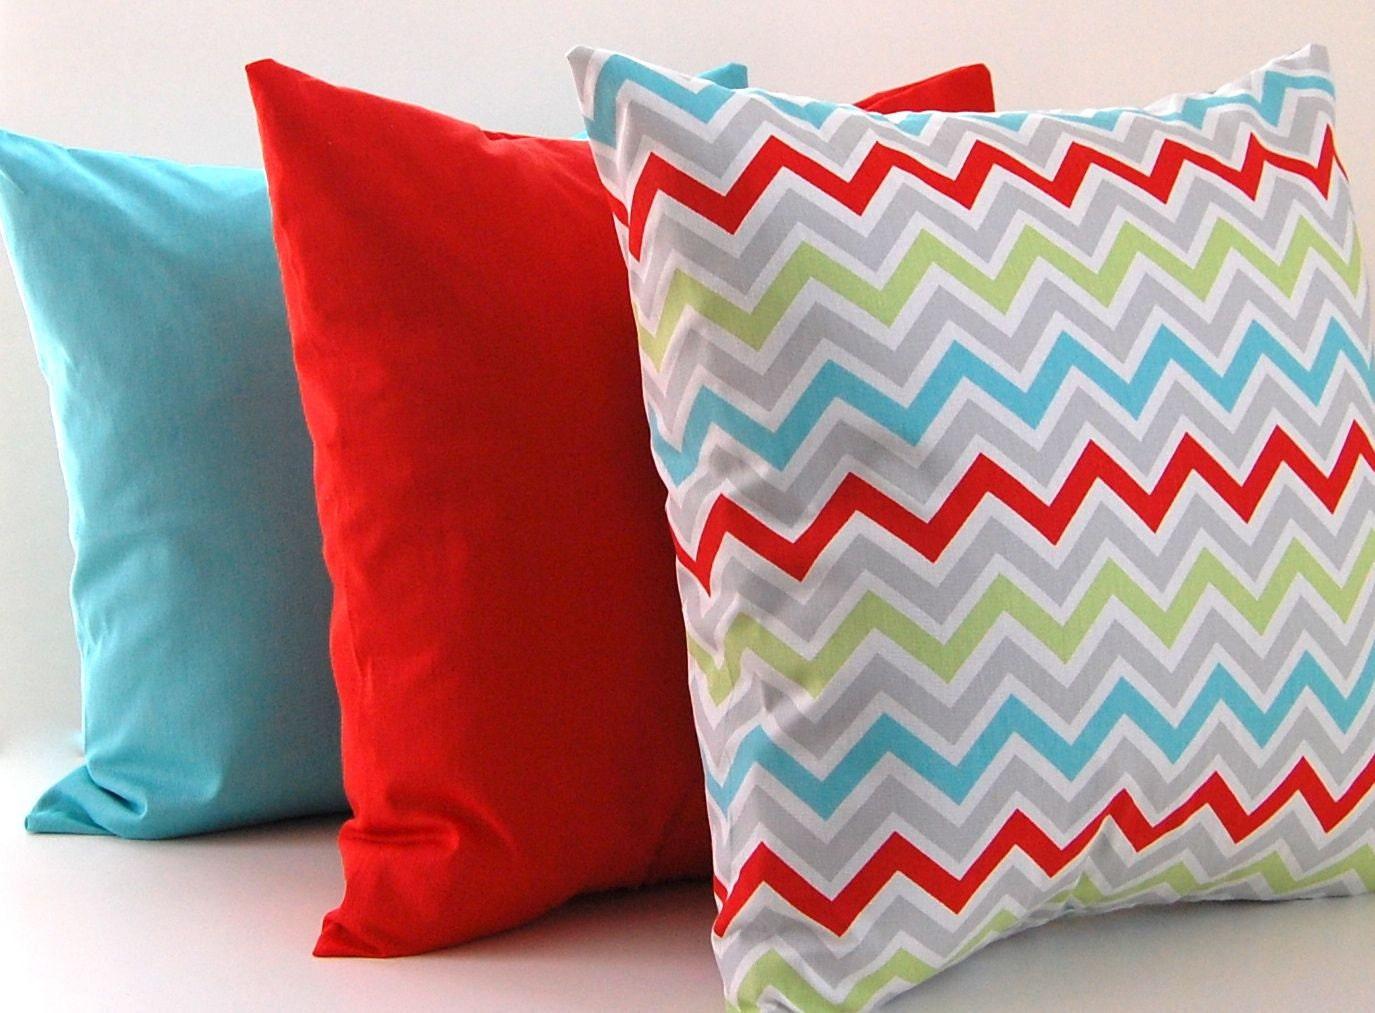 Chevron Pillows Decorative Throw Pillow Covers Missoni Style